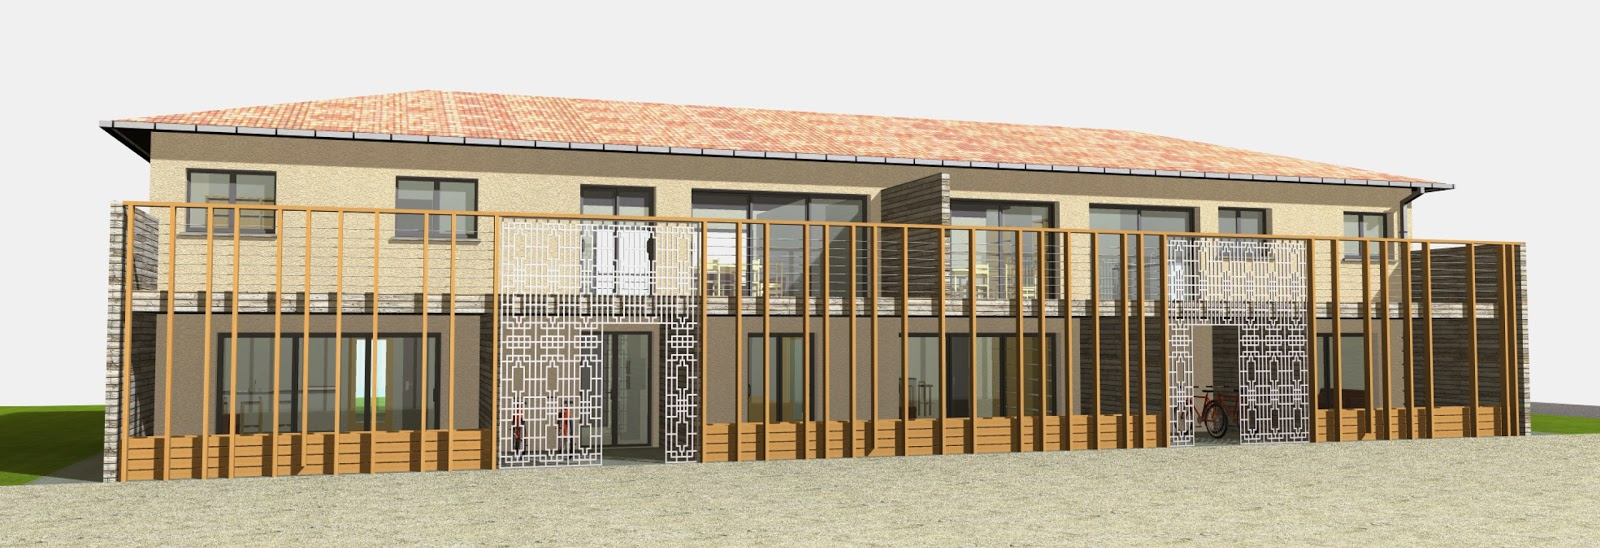 architecte p rigueux julien flahaut immeuble de logements boulazac. Black Bedroom Furniture Sets. Home Design Ideas